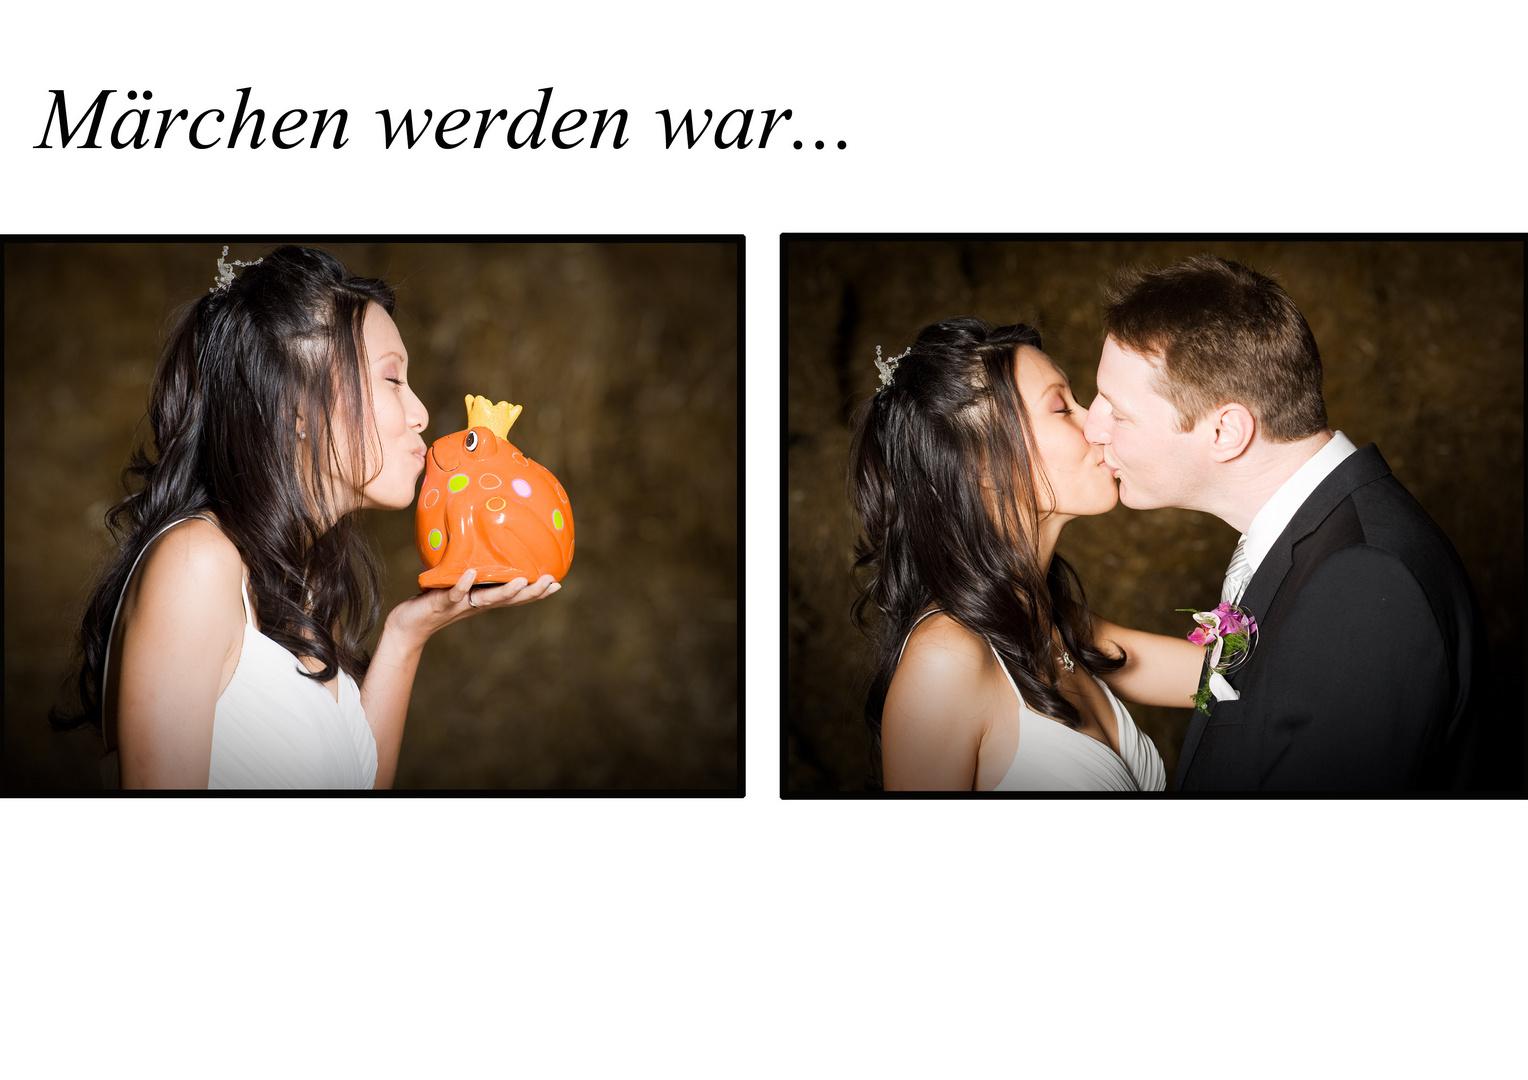 Märchen werden wahr...